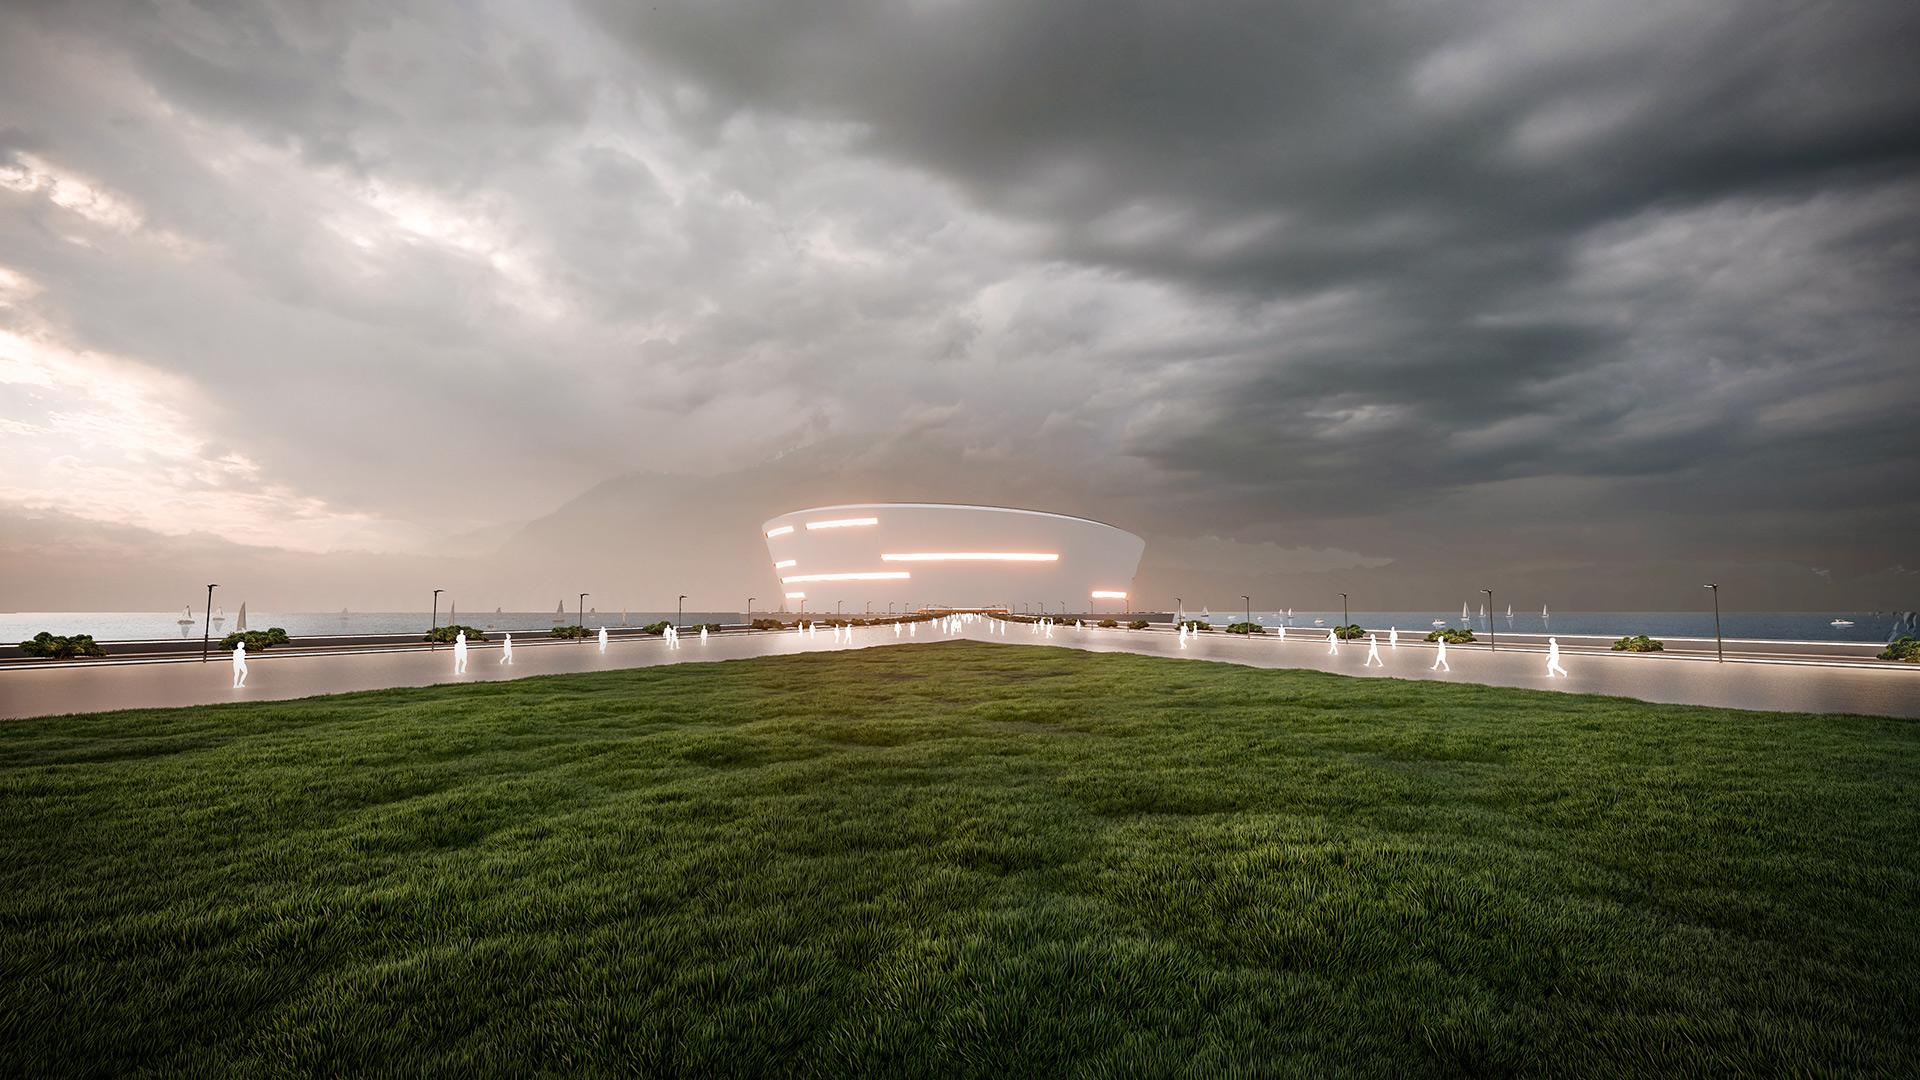 3D Rendering einer schwimmenden Olympia Arena in Japan. Blick über Zubringer-Brücke auf die Areana